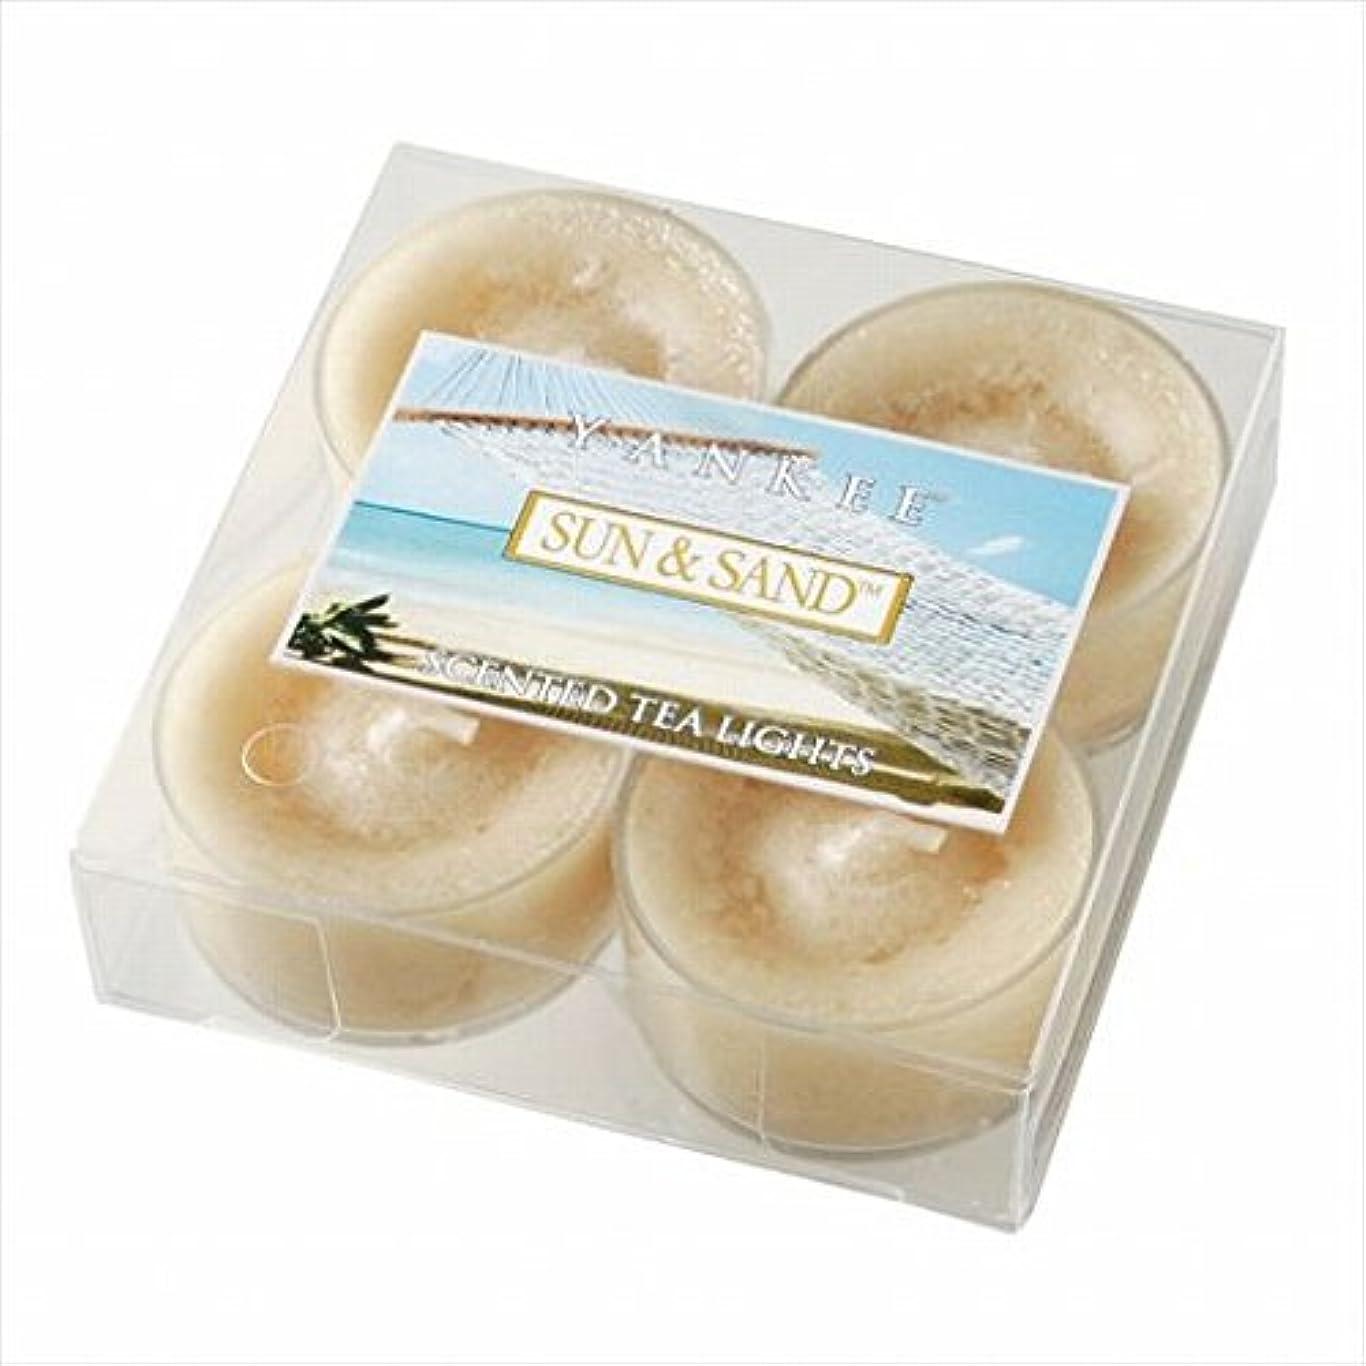 早く深いゴールカメヤマキャンドル(kameyama candle) YANKEE CANDLE クリアカップティーライト4個入り 「 サン&サンド 」